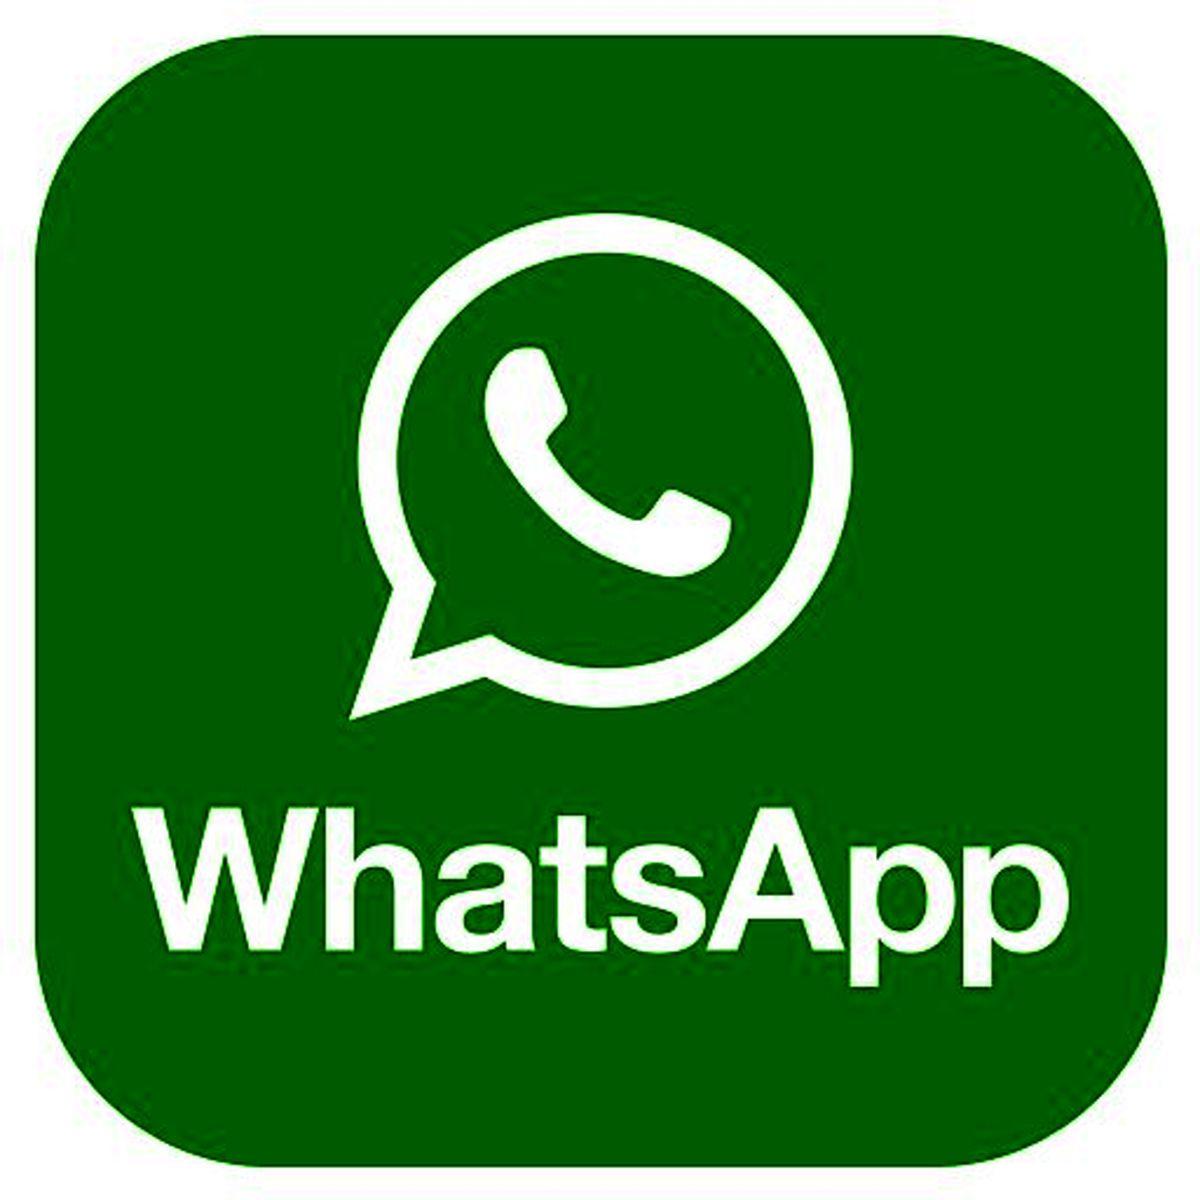 بمب متنی در واتساپ